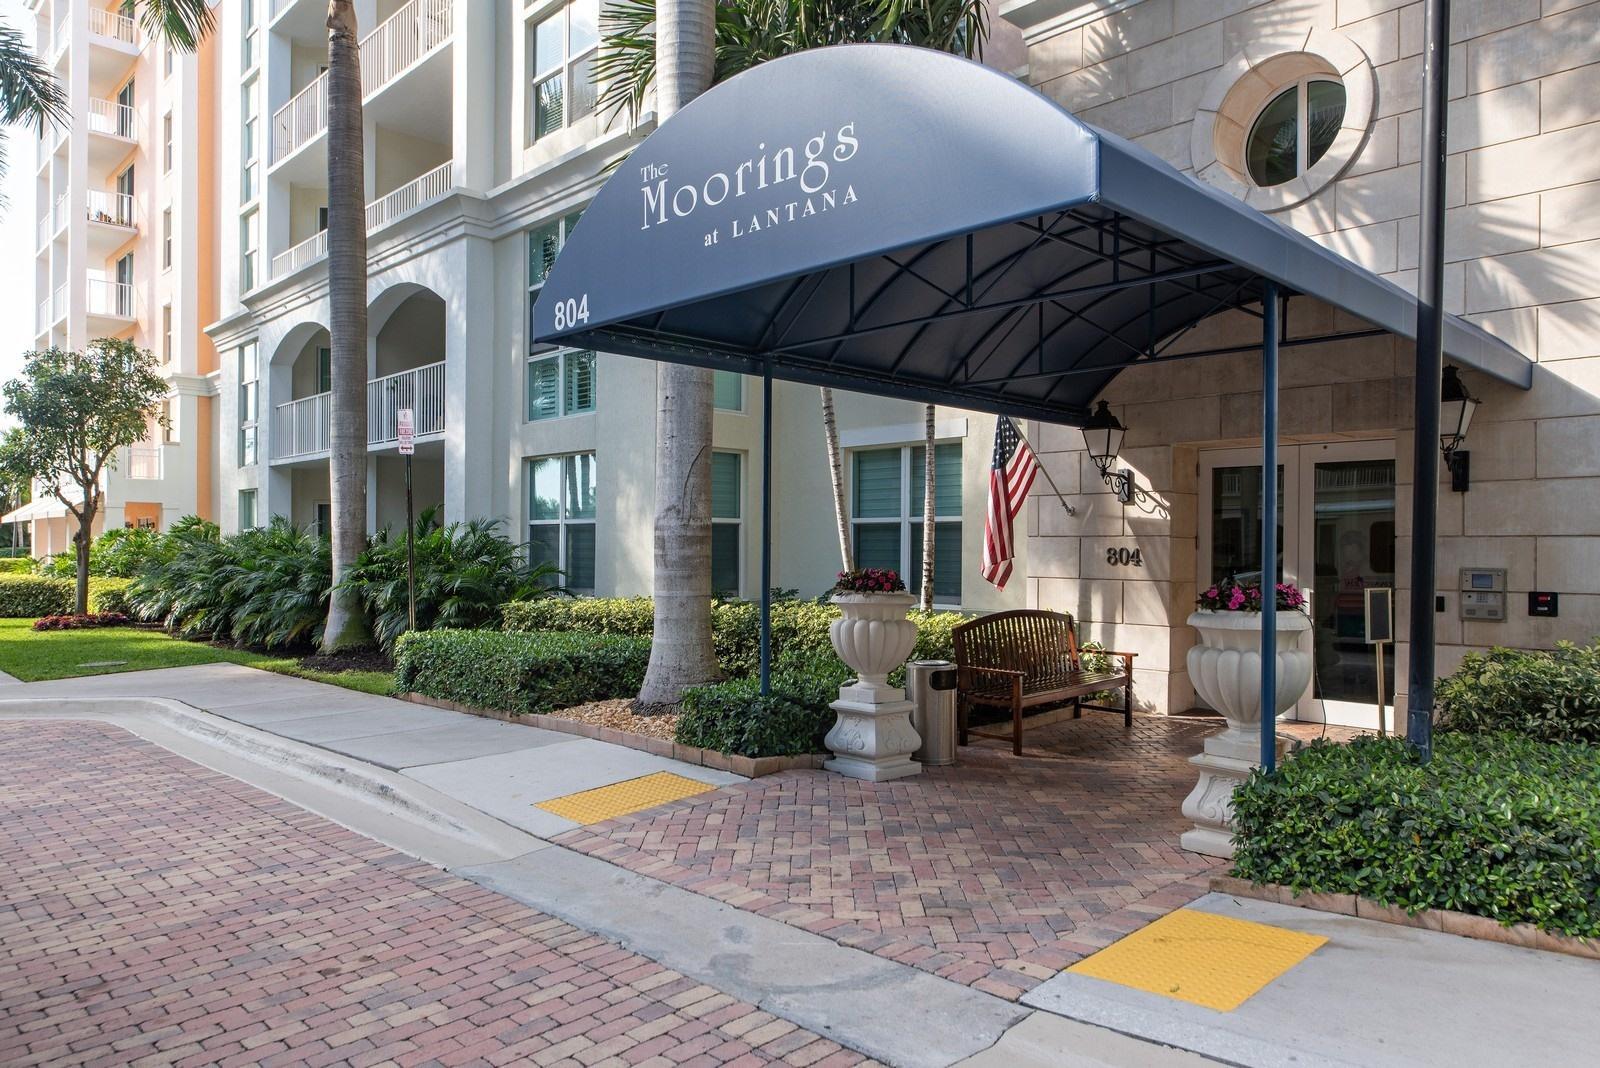 804 Windward Way, Lantana, Florida 33462, 3 Bedrooms Bedrooms, ,2 BathroomsBathrooms,Condo/Coop,For Sale,Windward,4,RX-10492700